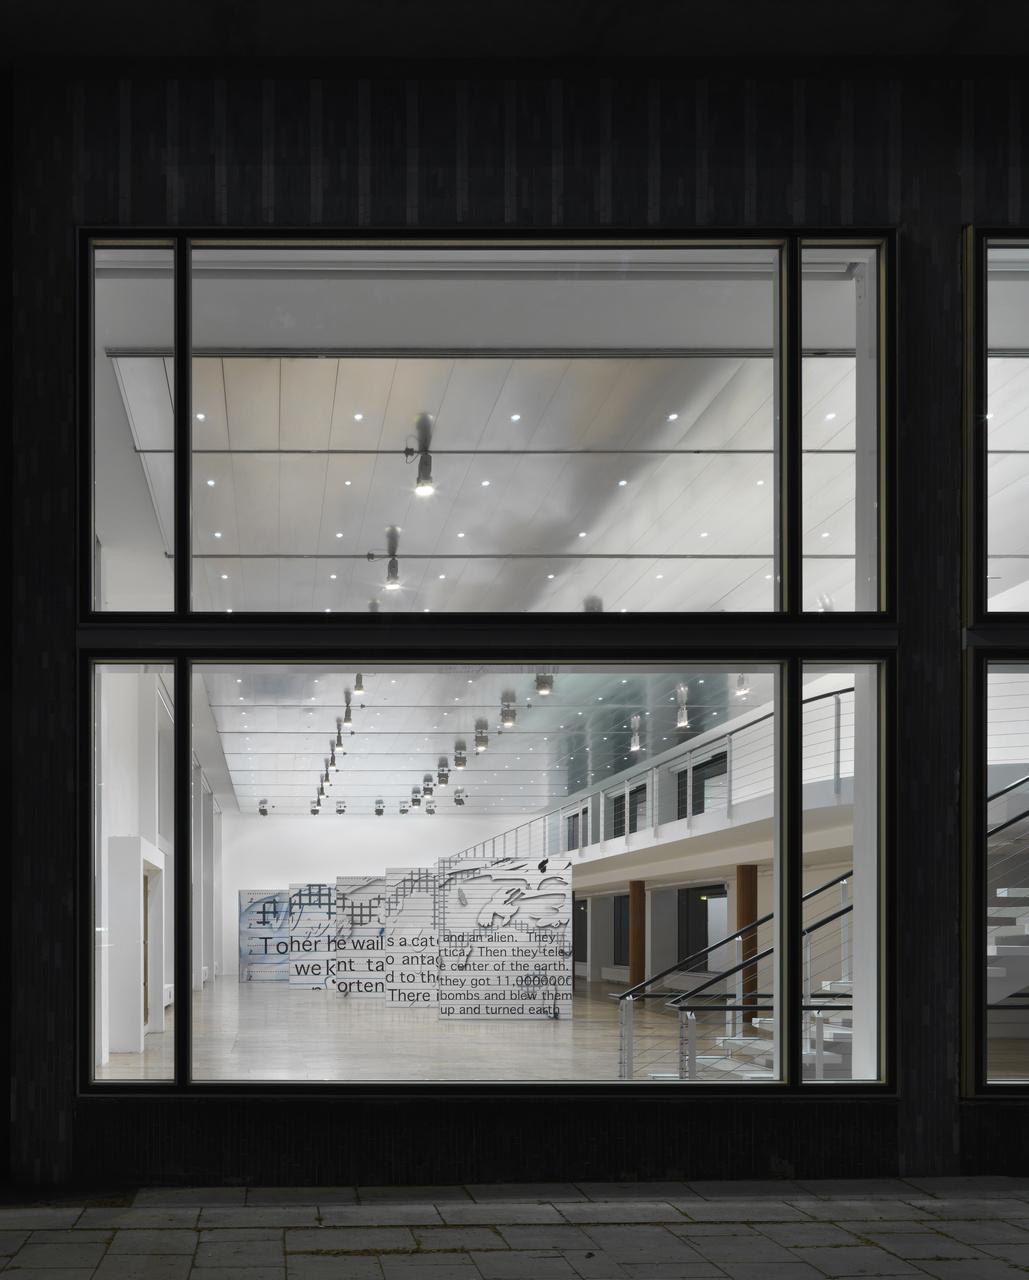 Owens_Installation view_13